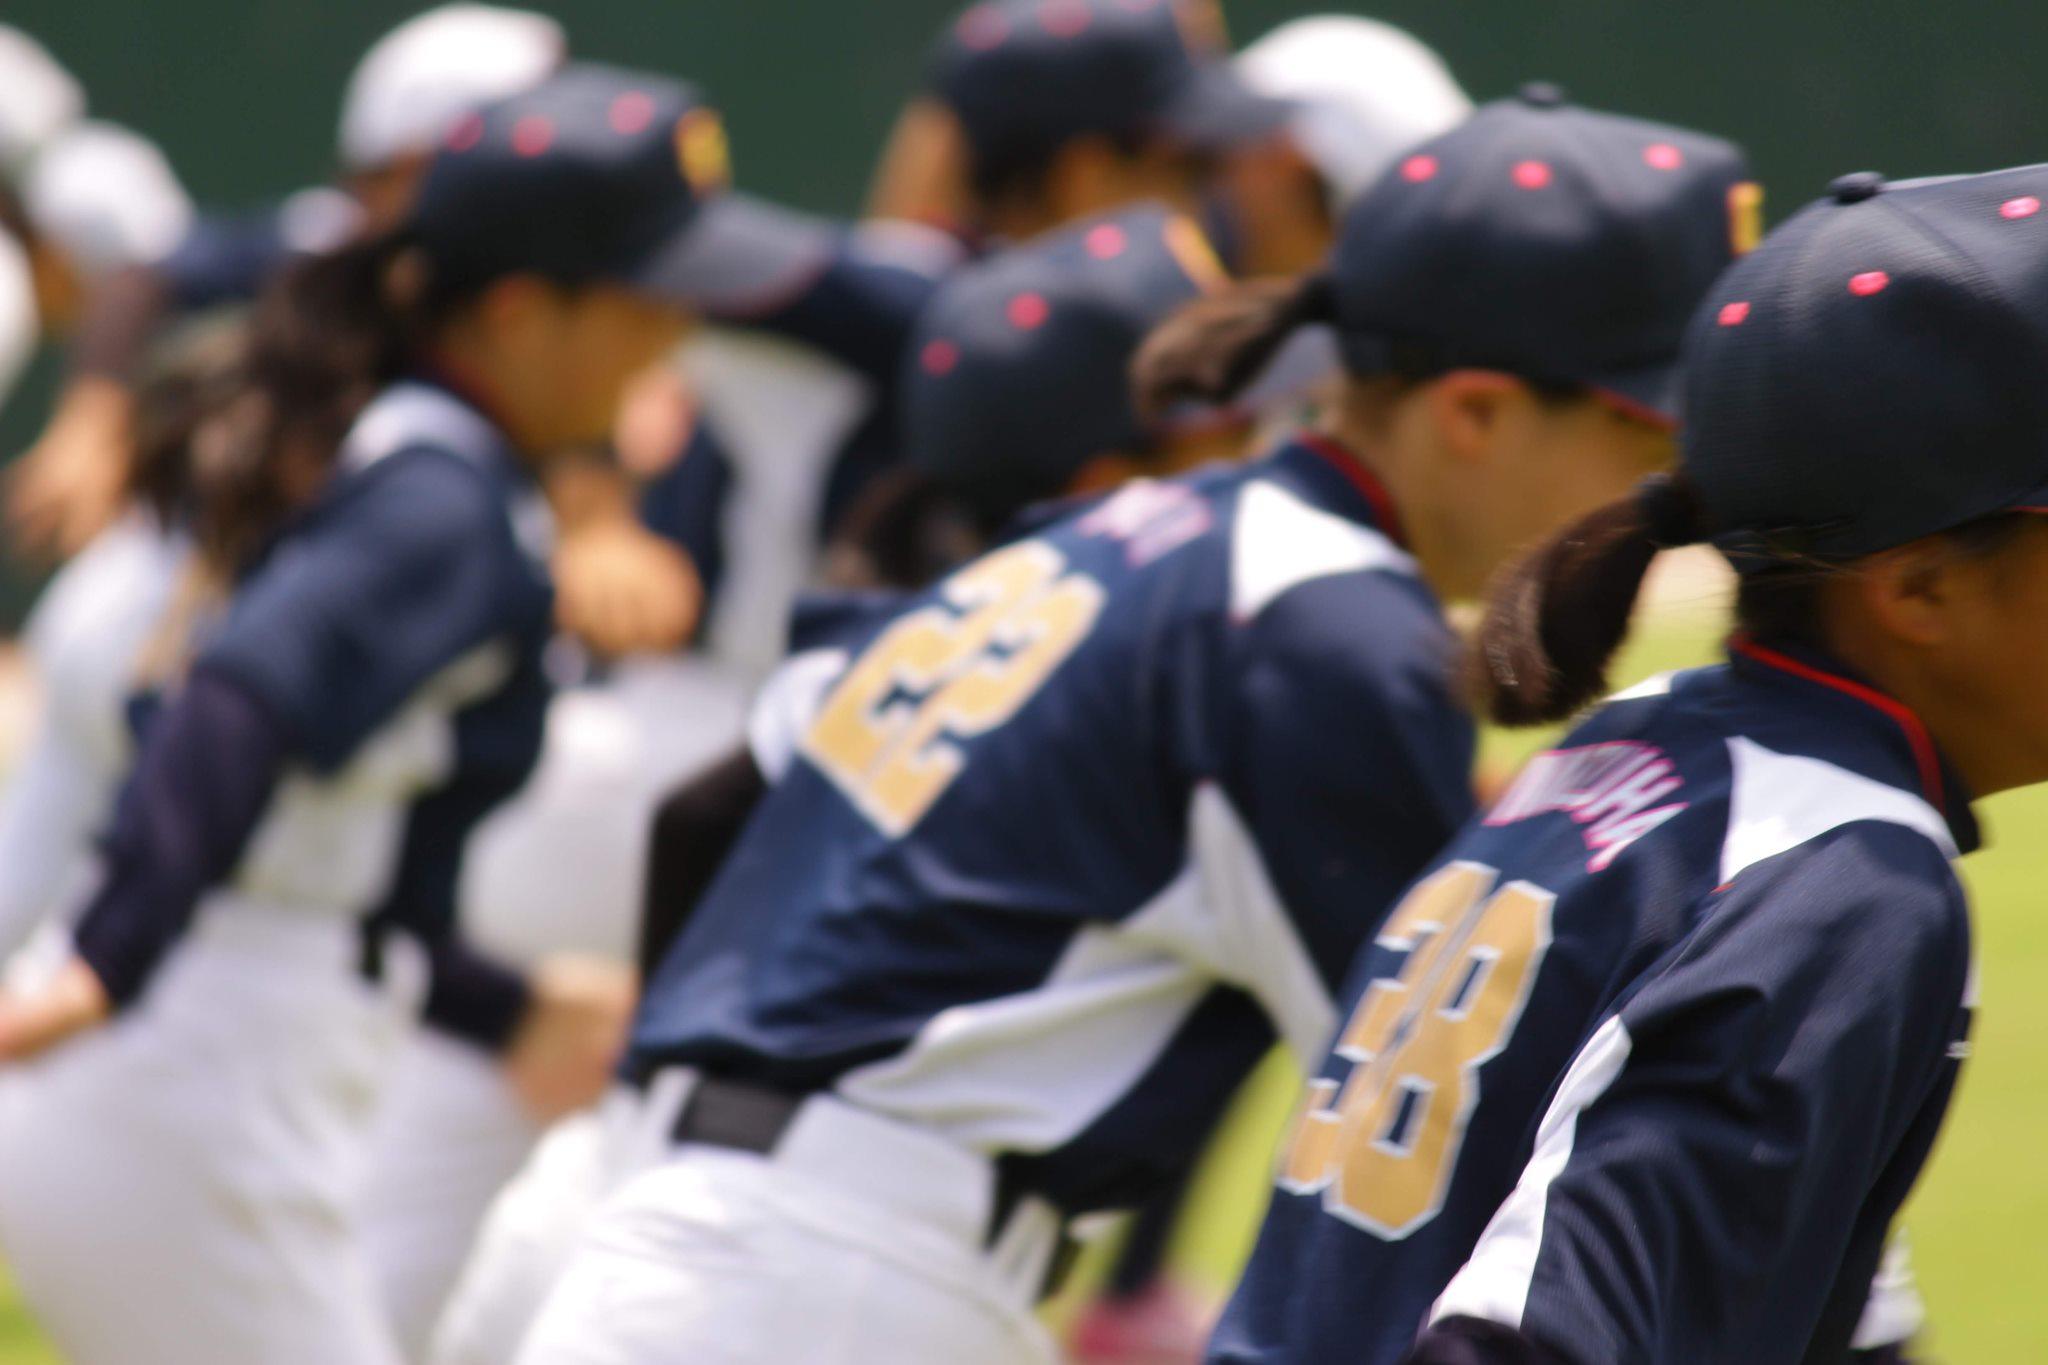 鳥取ディアーズのメンバーが走っている画像